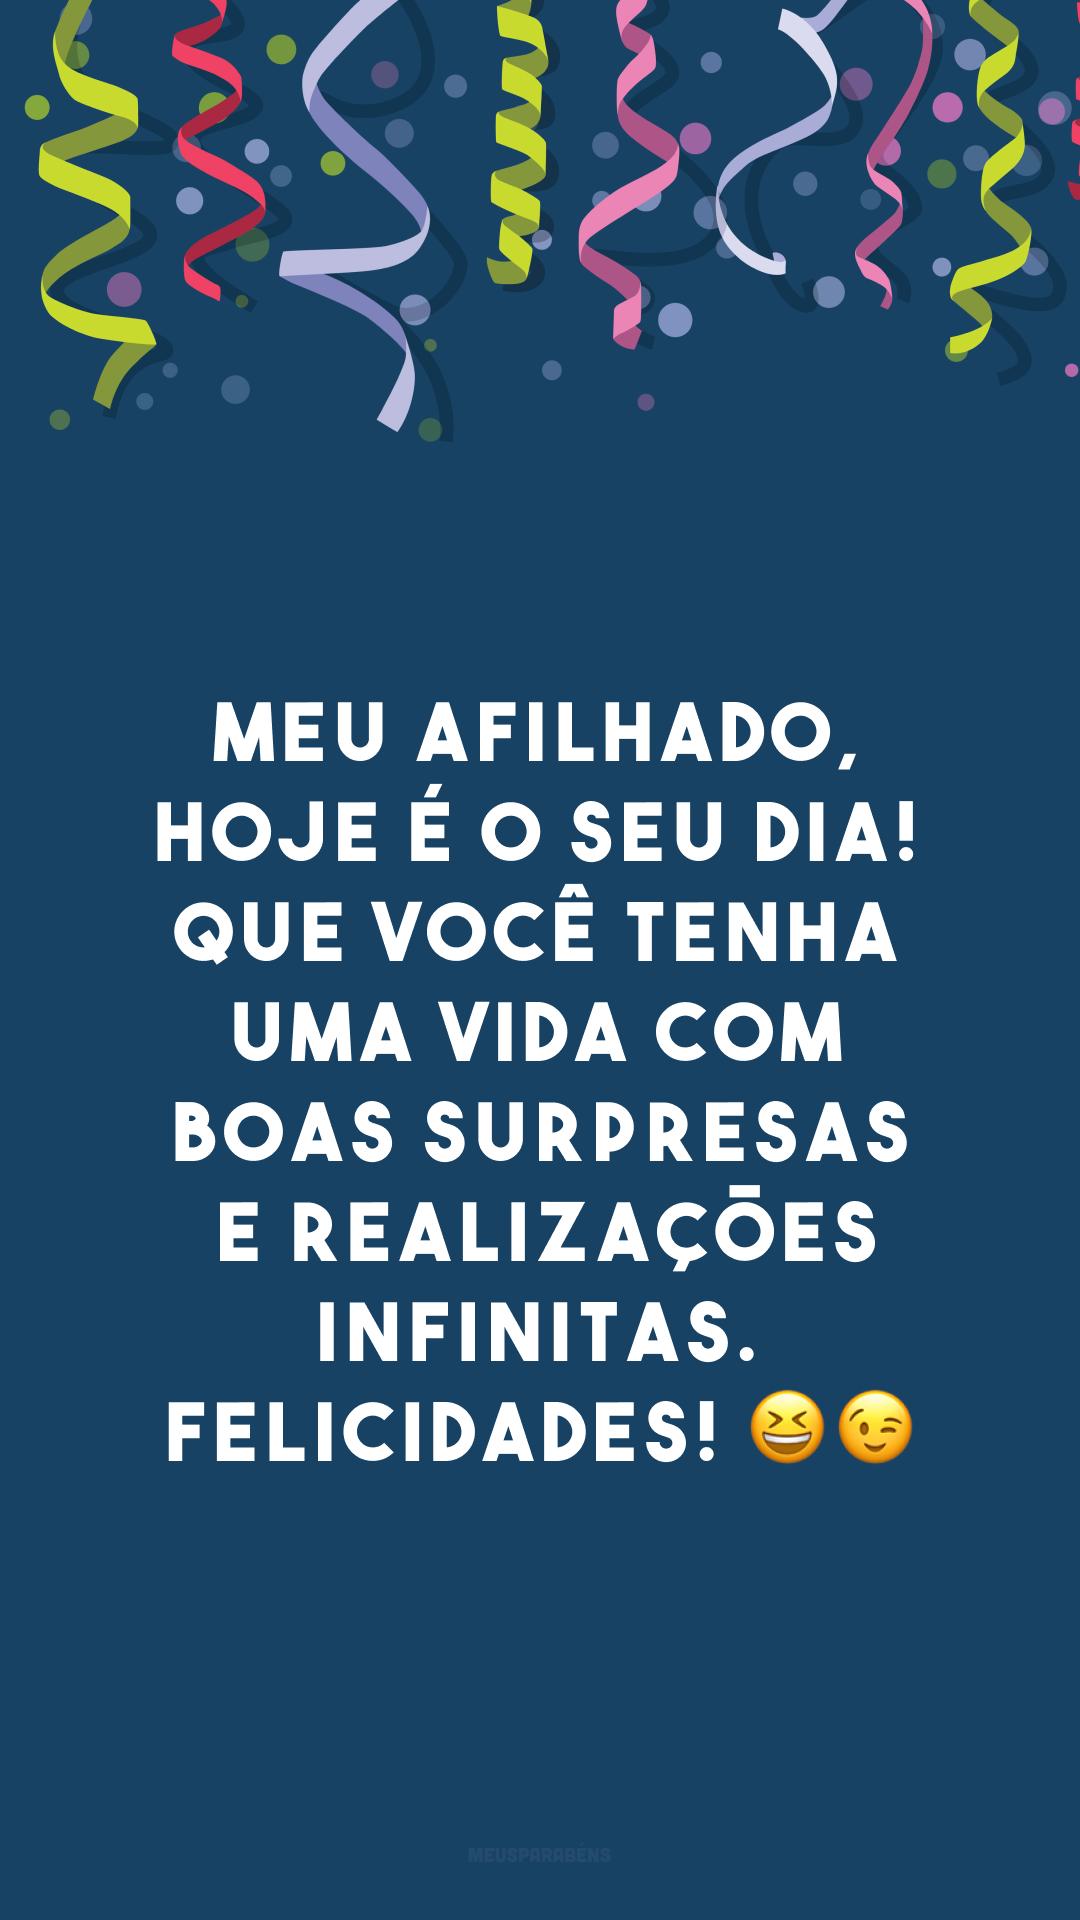 Meu afilhado, hoje é o seu dia! Que você tenha uma vida com boas surpresas e realizações infinitas. Felicidades! 😆😉